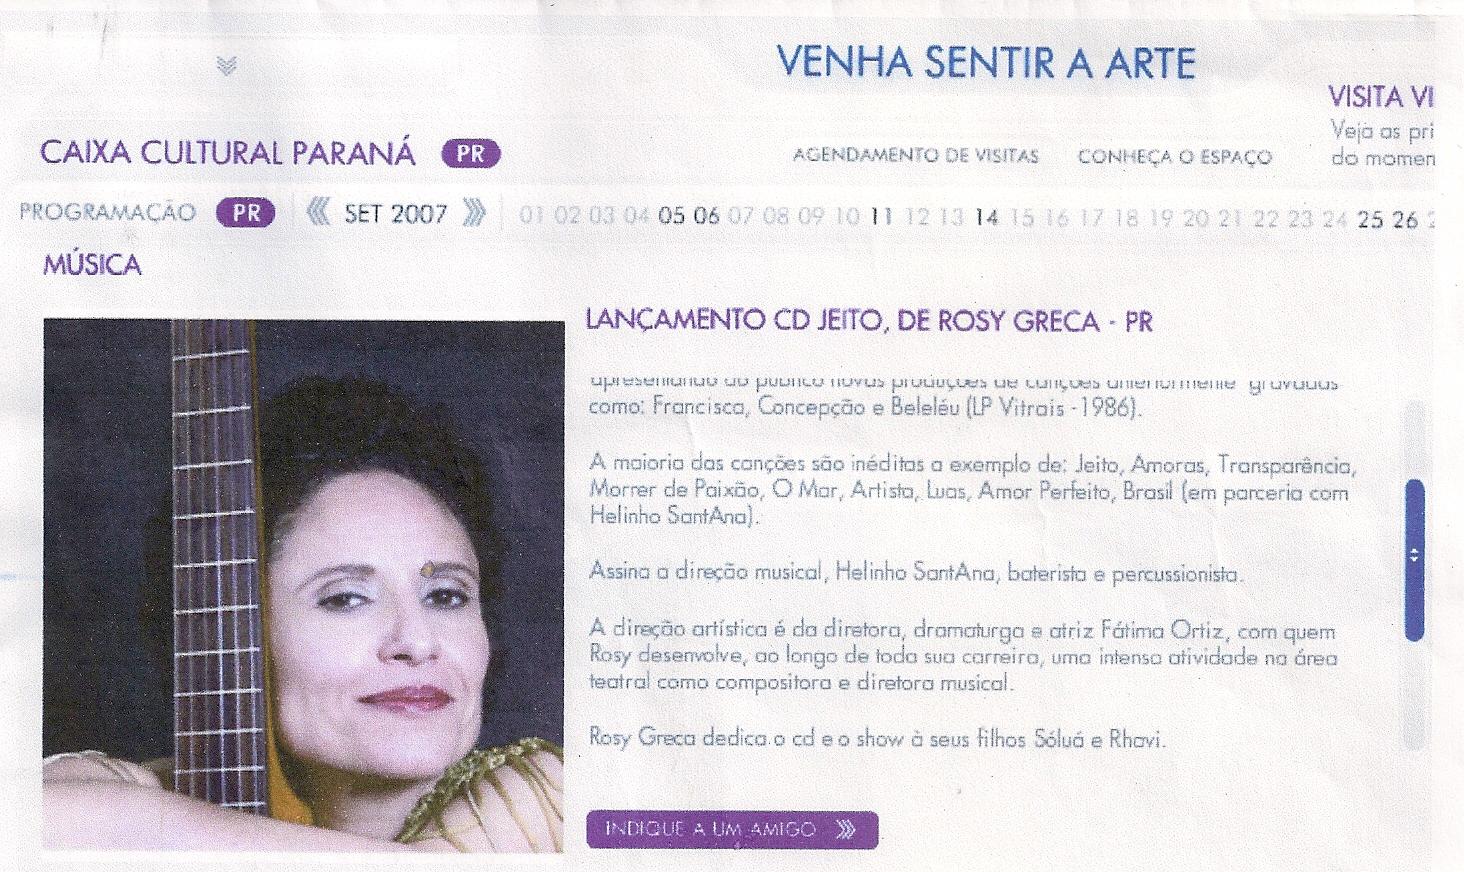 Lançamento CD Jeito, Caixa Cultural Paraná